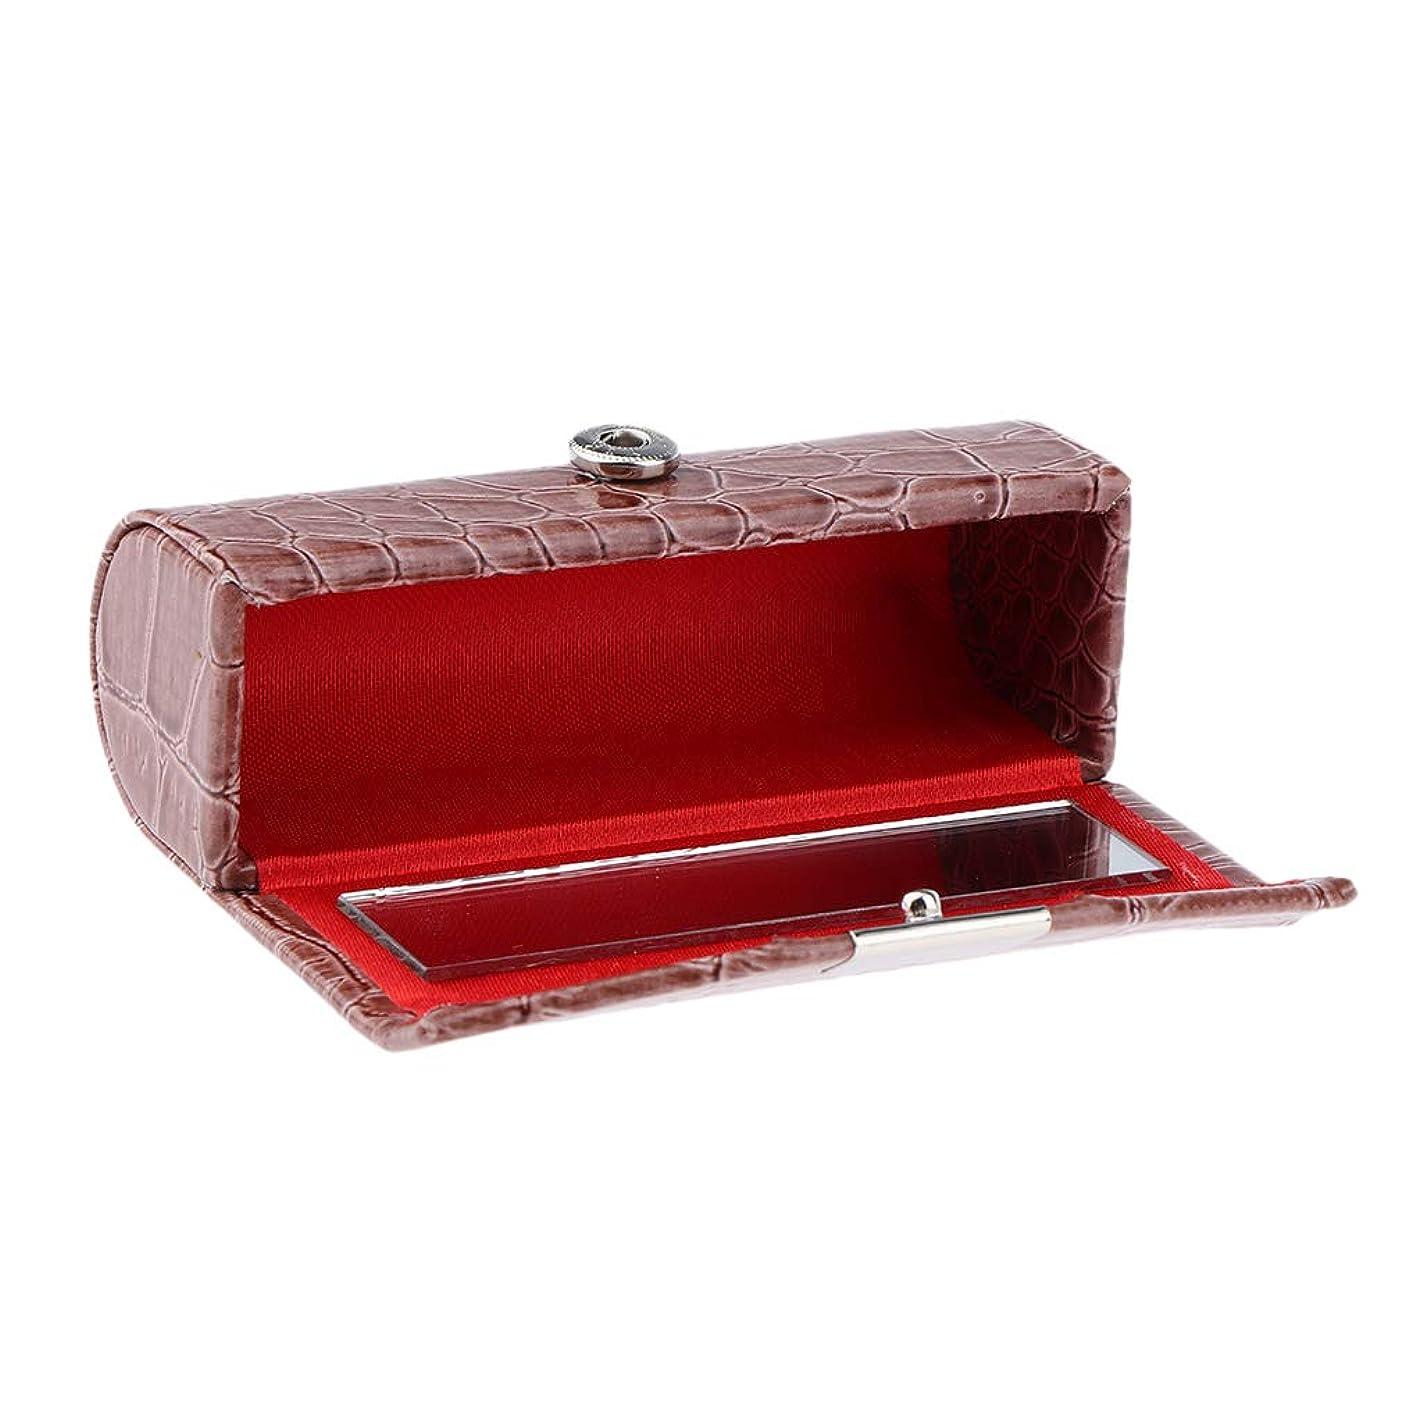 同意する規制表面B Blesiya 口紅ケース コインケース 小物入り 収納ケース リップスティック 多色選べ - 褐色